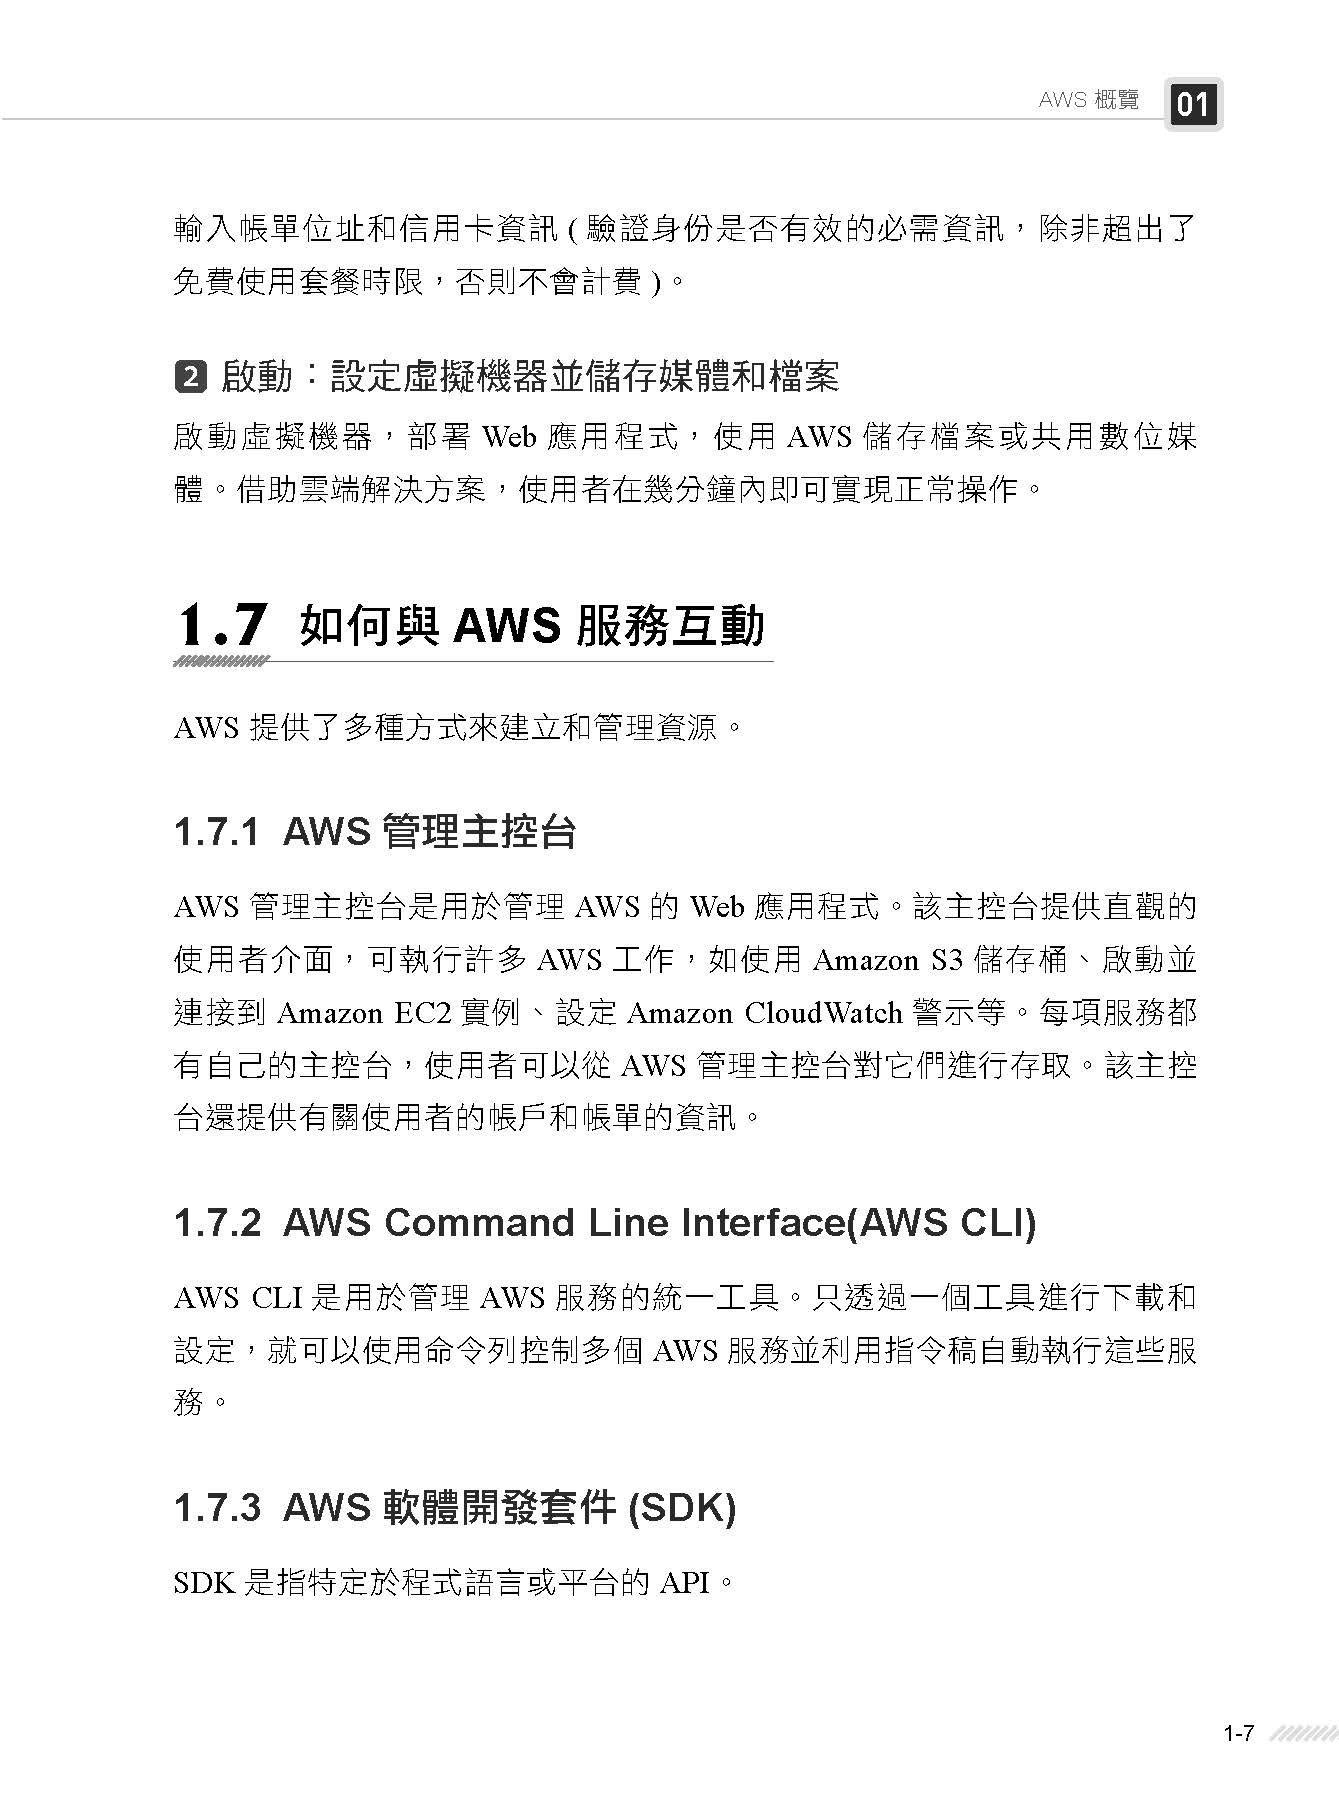 用世界第一的服務:AWS 雲端平台把玩書 -preview-6